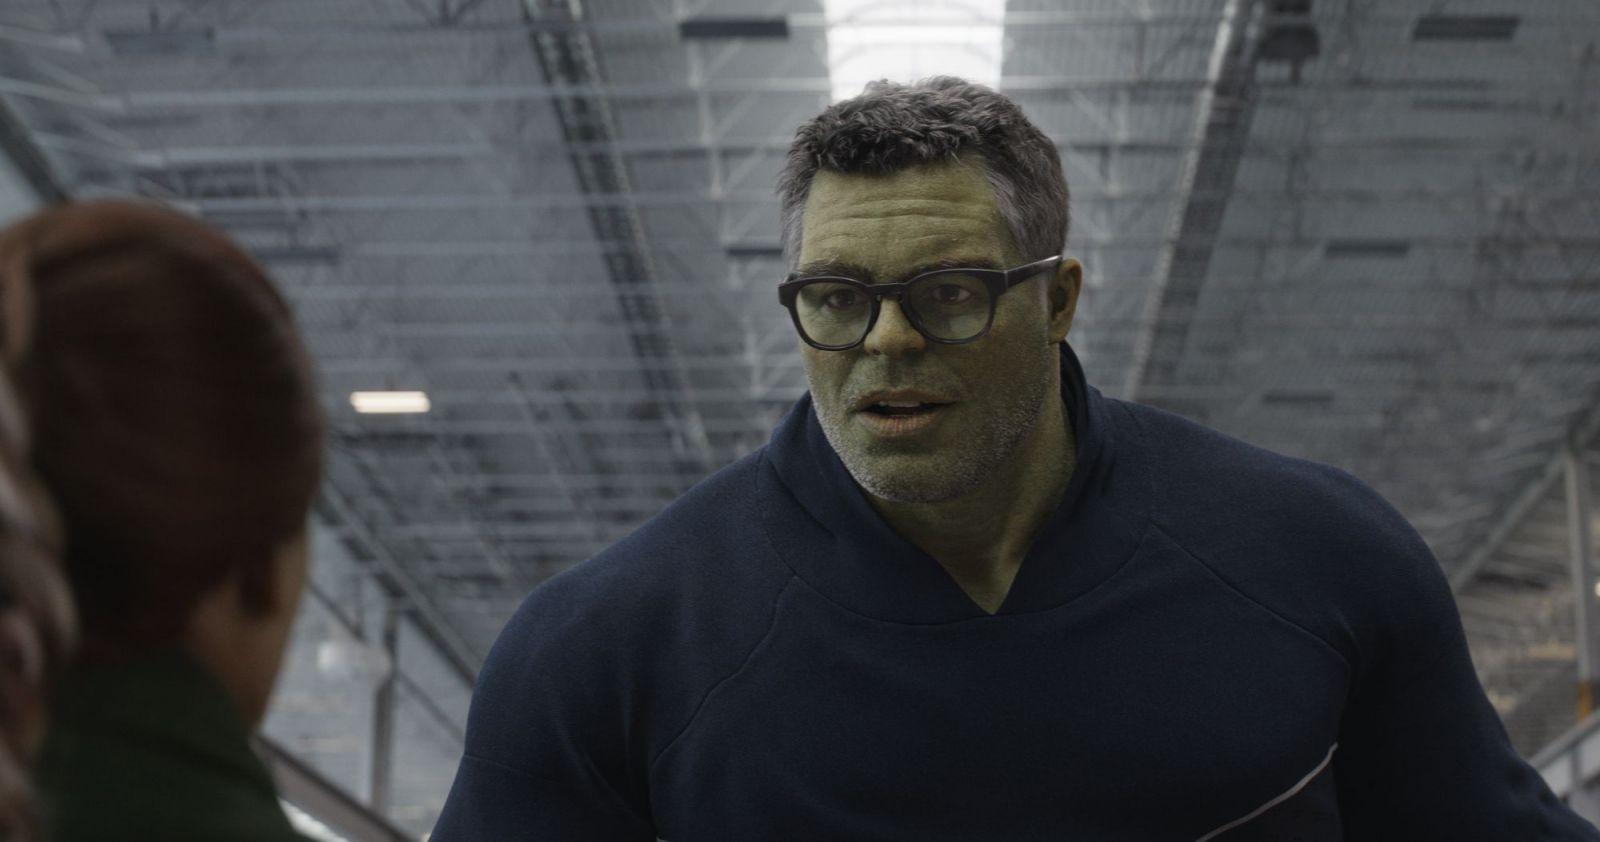 Režiséri Endgame by radi v MCU natočili Secret Wars. Prezradili, že Smart Hulk sa mal objaviť už v Infinity War